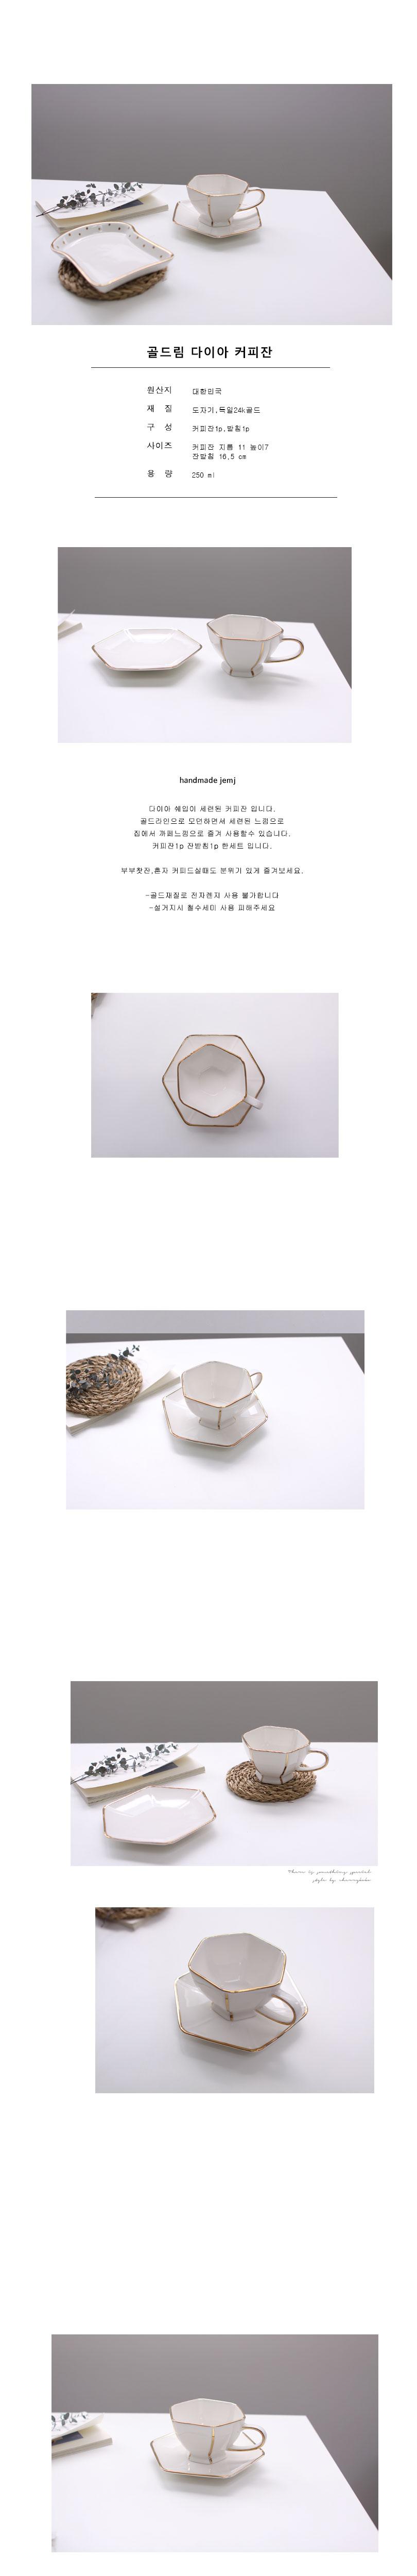 골드림 다이아 커피잔 - 젬제이, 31,500원, 커피잔/찻잔, 커피잔/찻잔